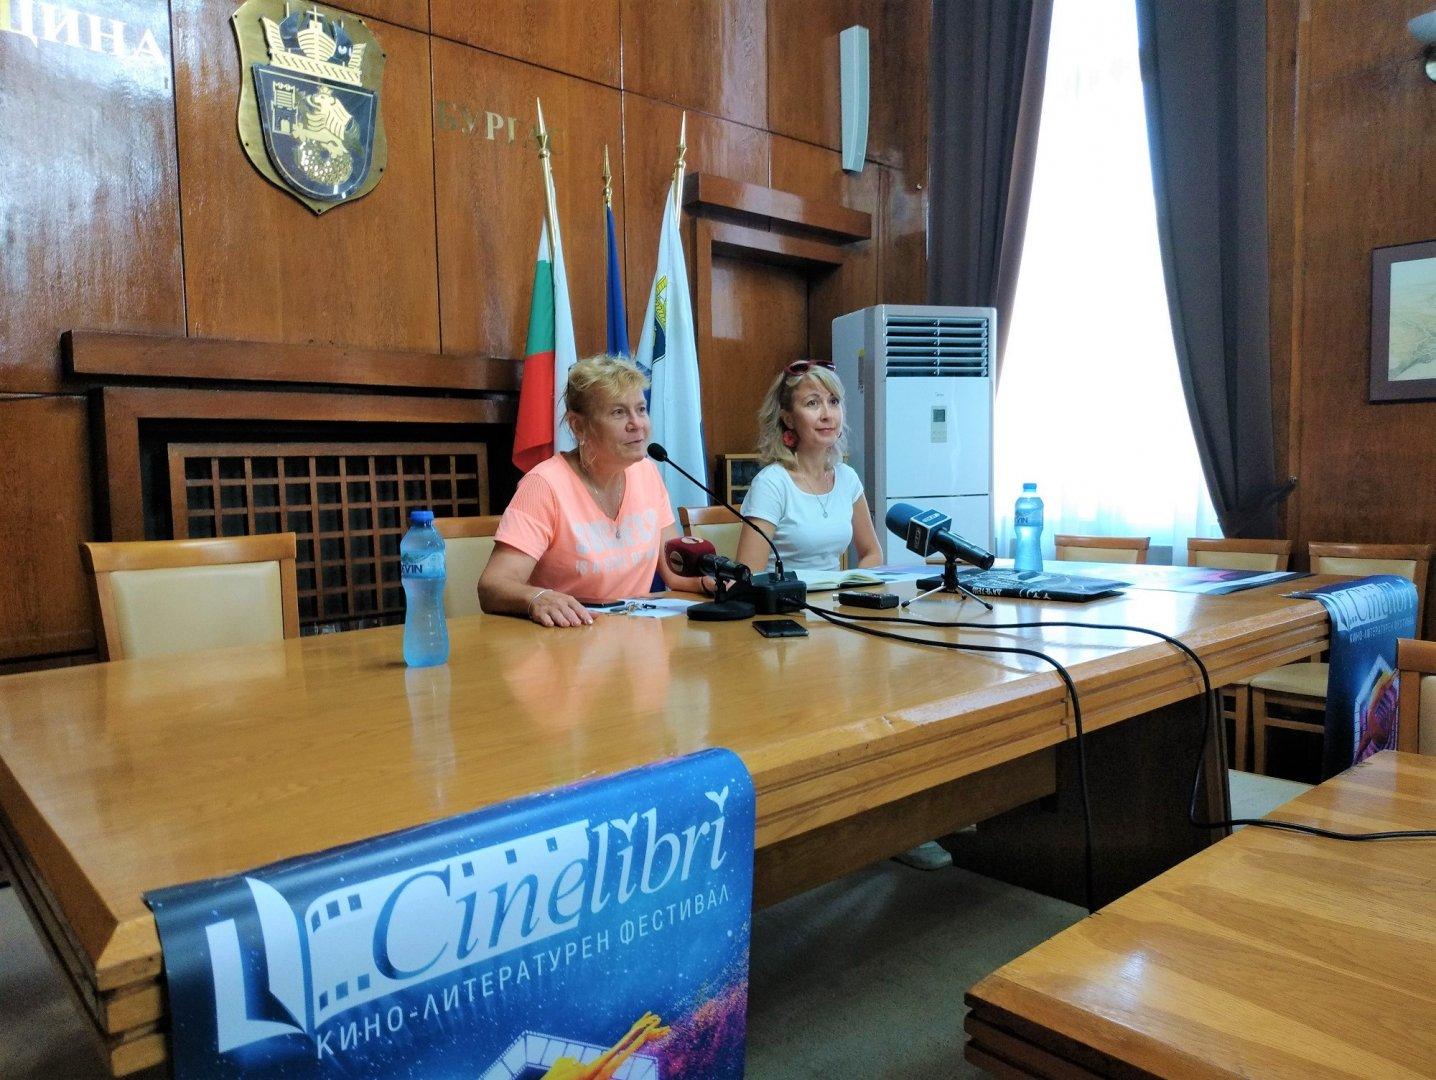 Зам.-кметът Йорданка Ананиева (вляво) и Кремена Димитрова презентираха програмата на фестивала. Снимка Община Бургас